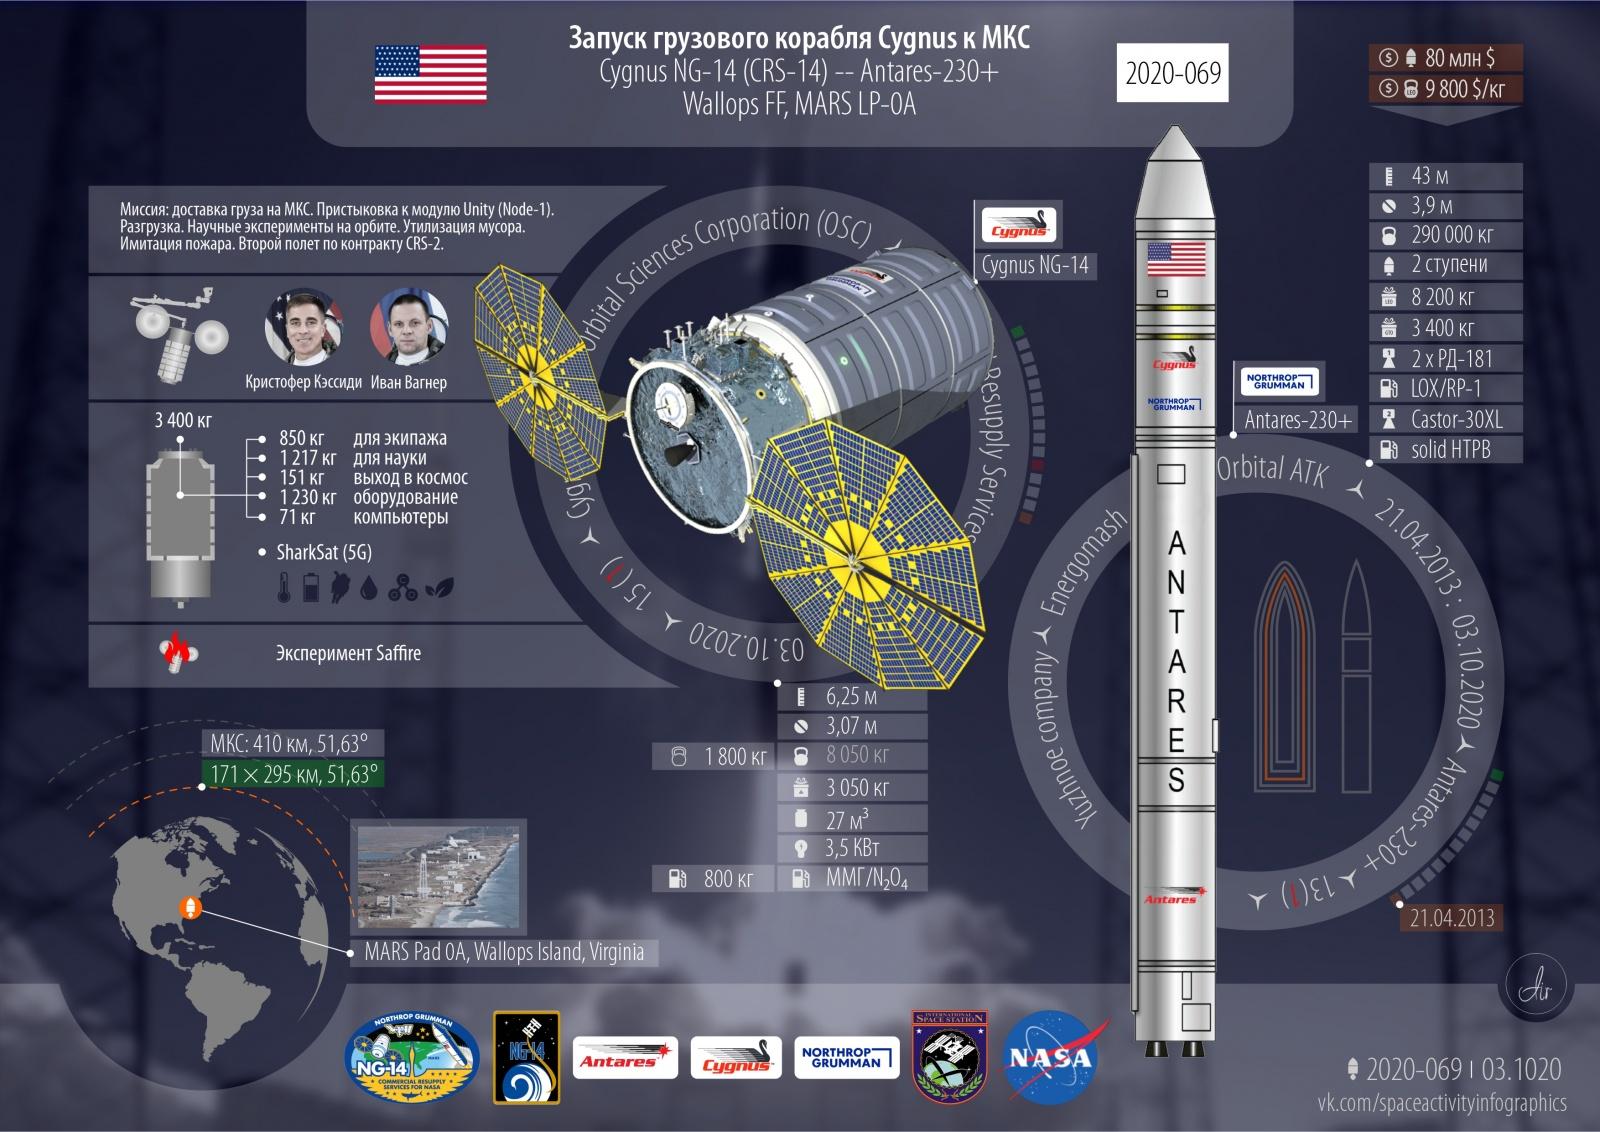 Грузовой корабль Cygnus для МКС. 2020 год: 77 всего, 69 успешных, 28 от США - 2